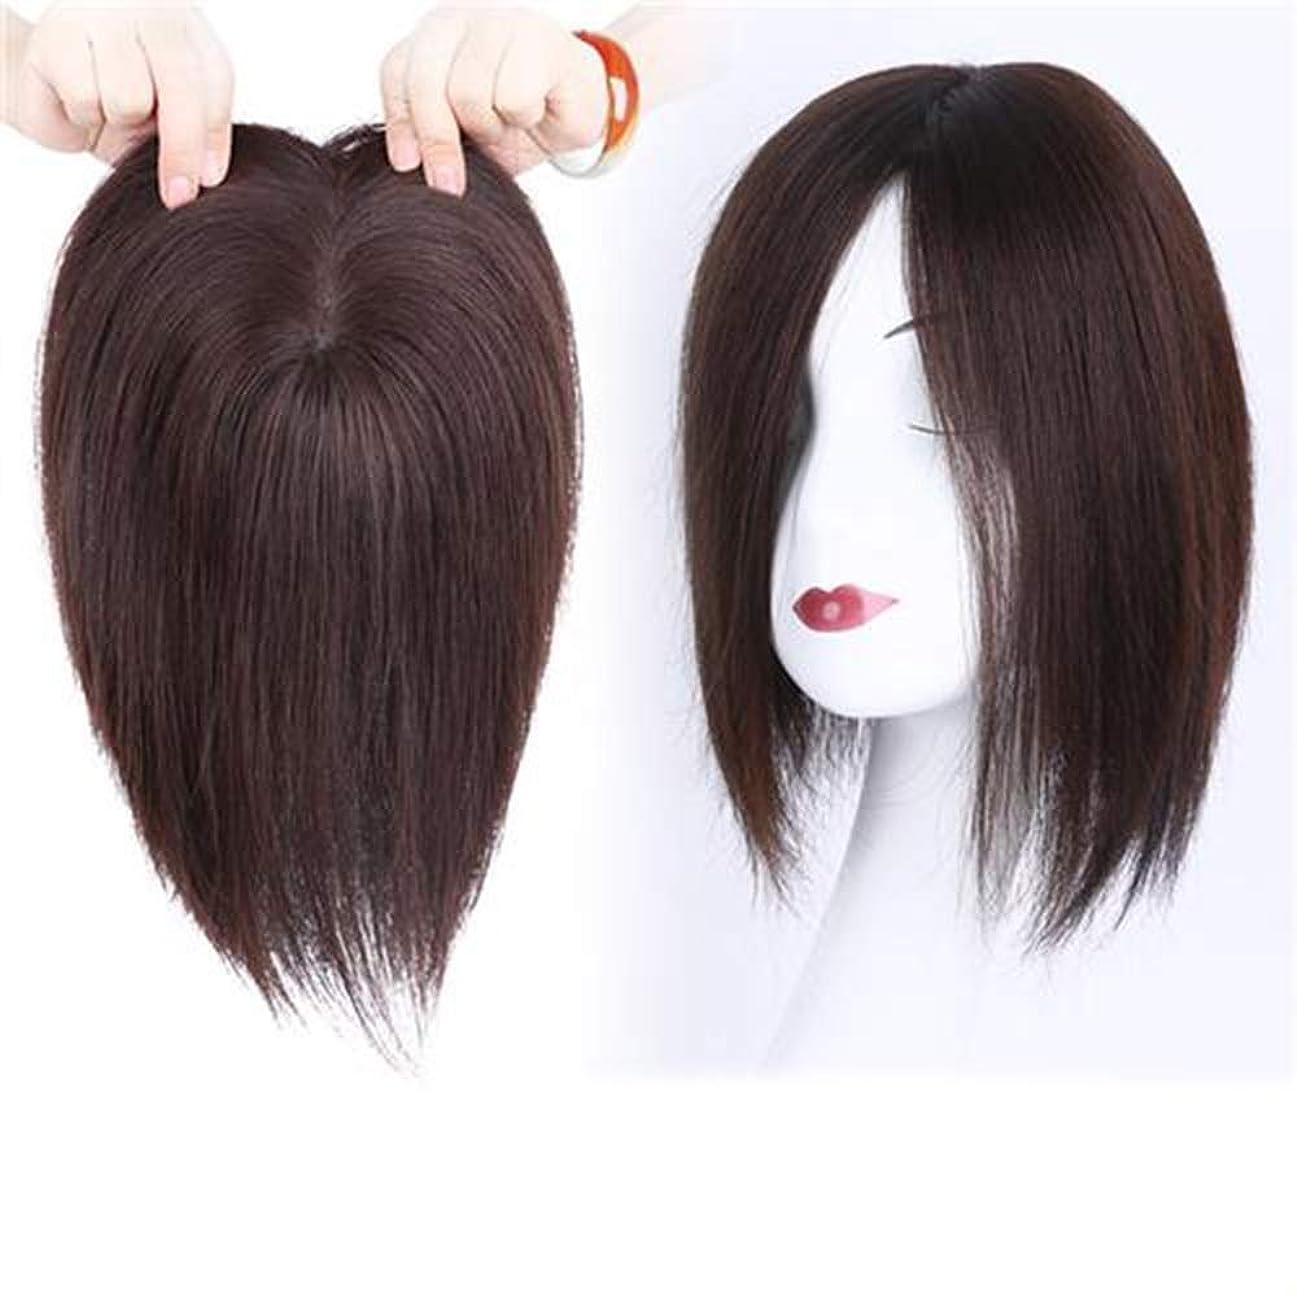 縫い目系譜を必要としていますHOHYLLYA 手織りのリアルヘアストレートヘアエクステンション薄い女性のかつらファッションかつら (色 : Natural color, サイズ : 20cm)